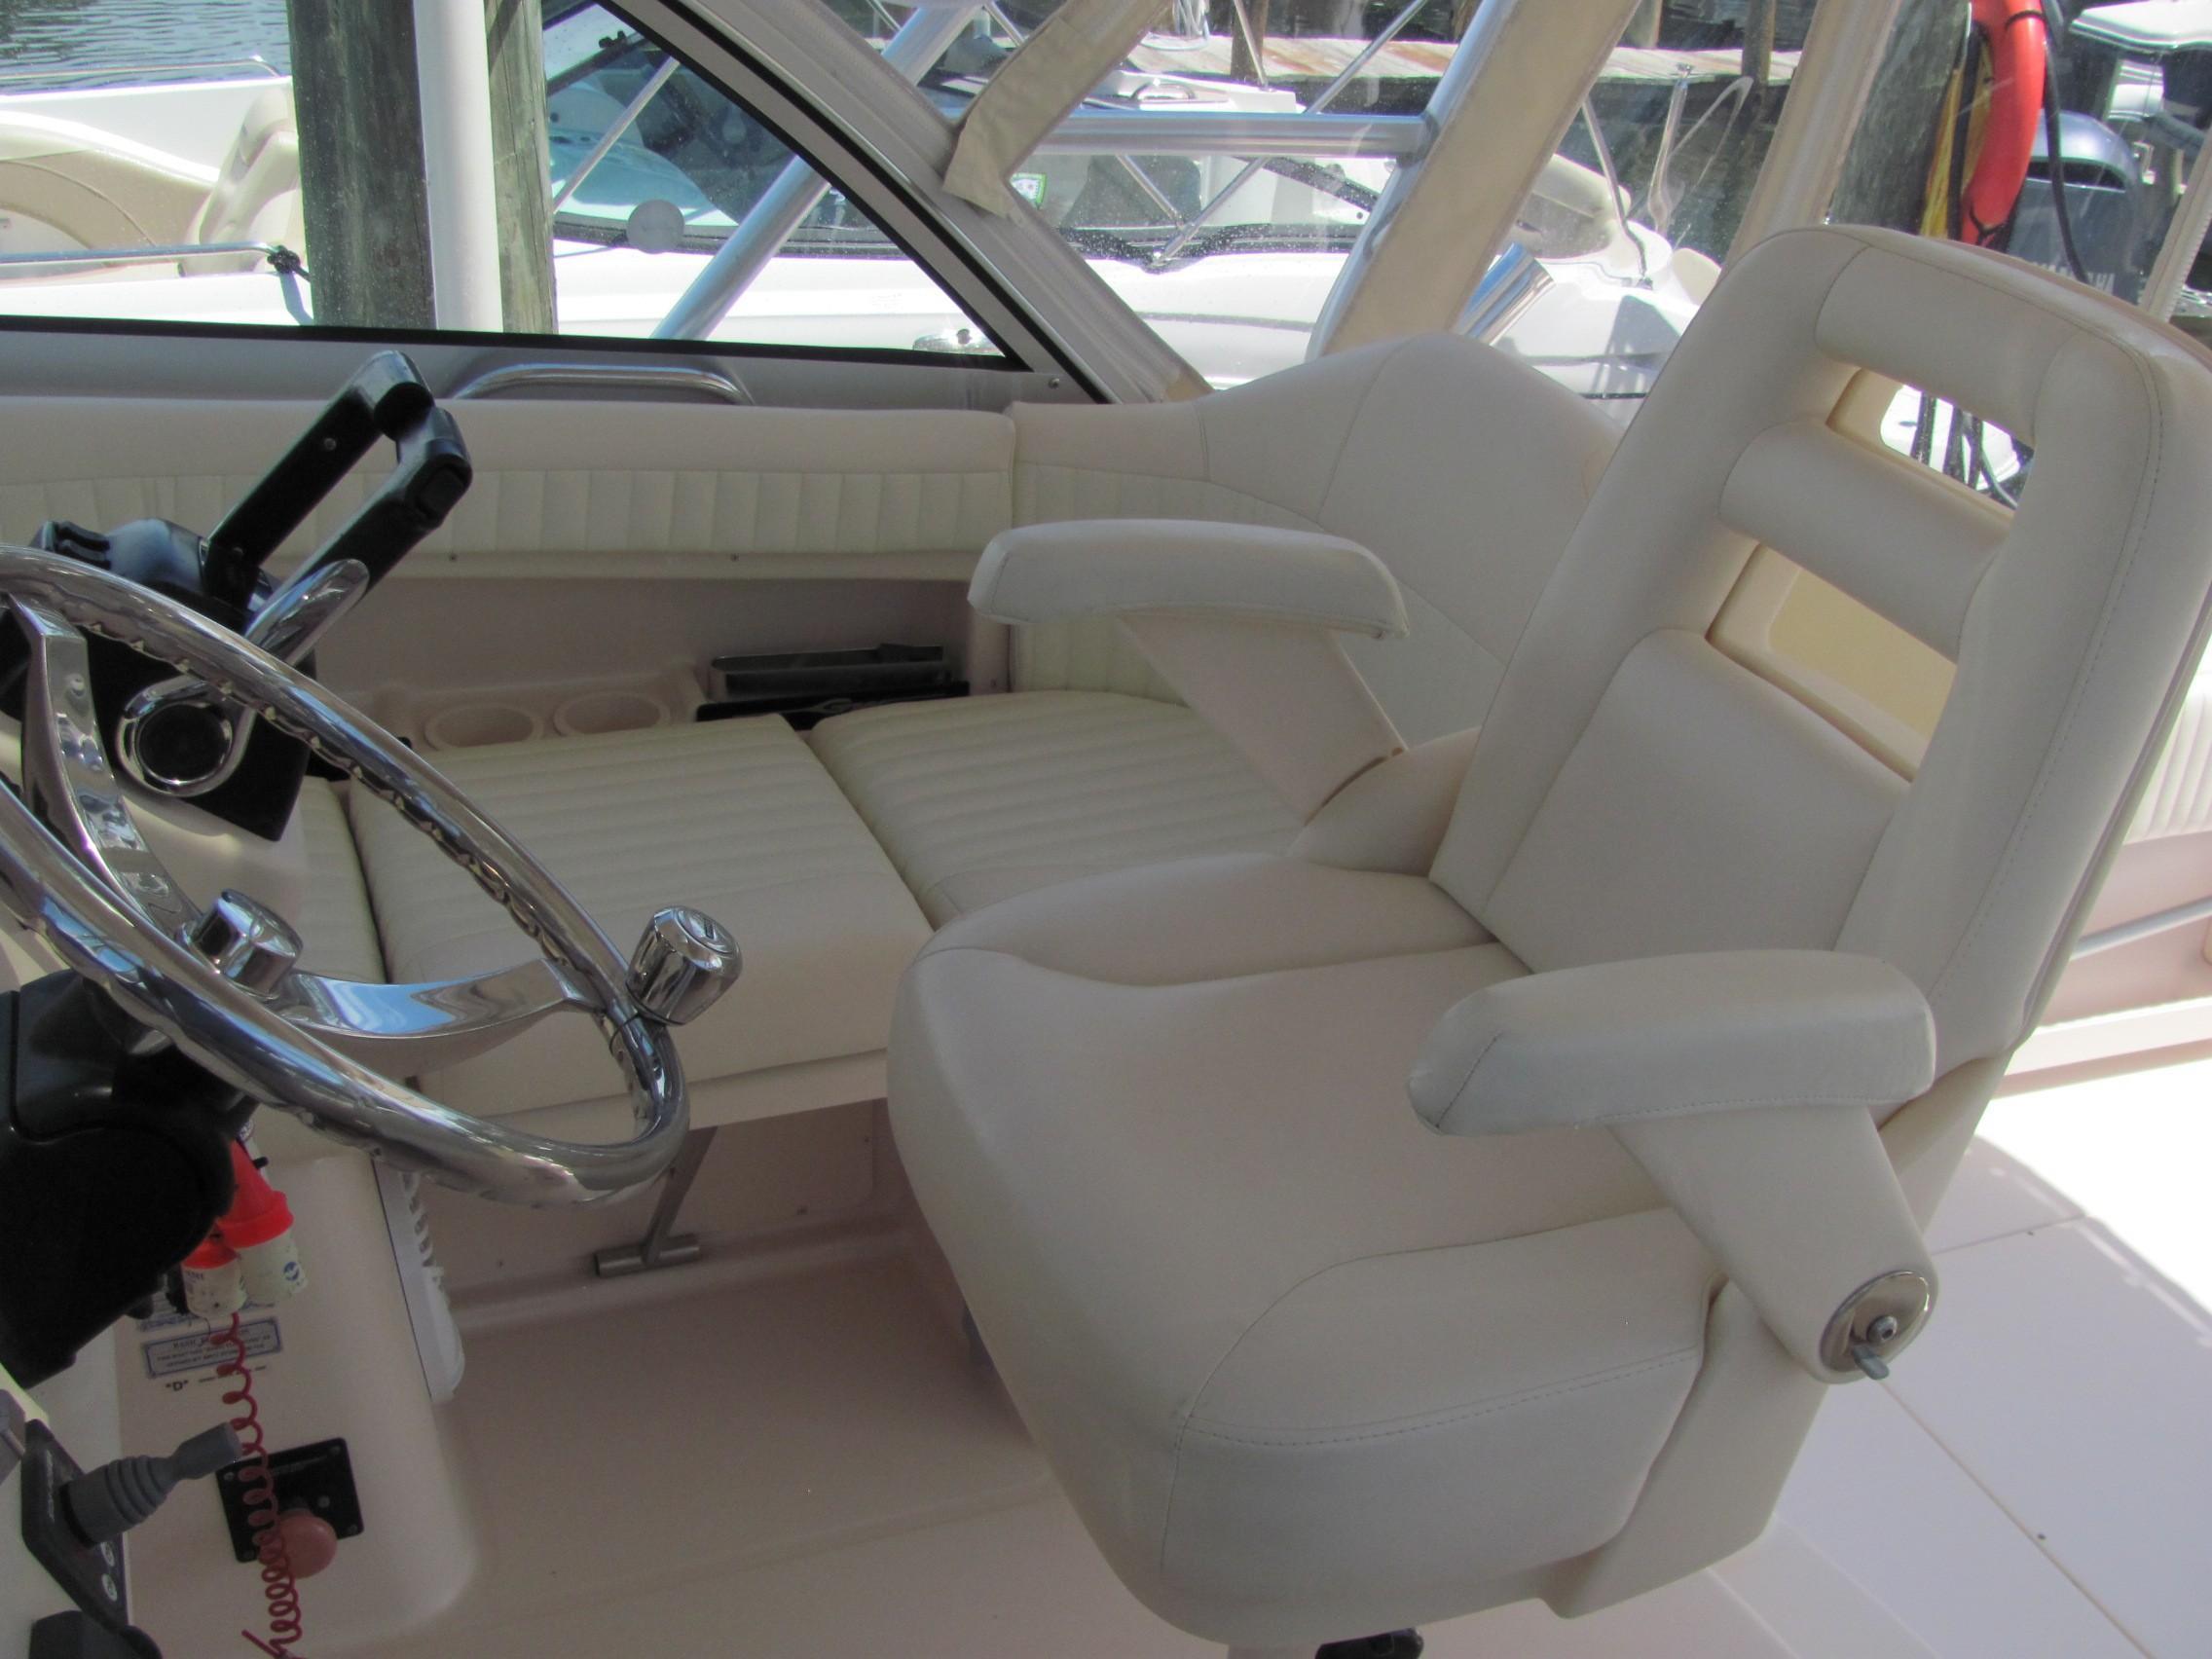 2007 Grady-White 305 Express 30'